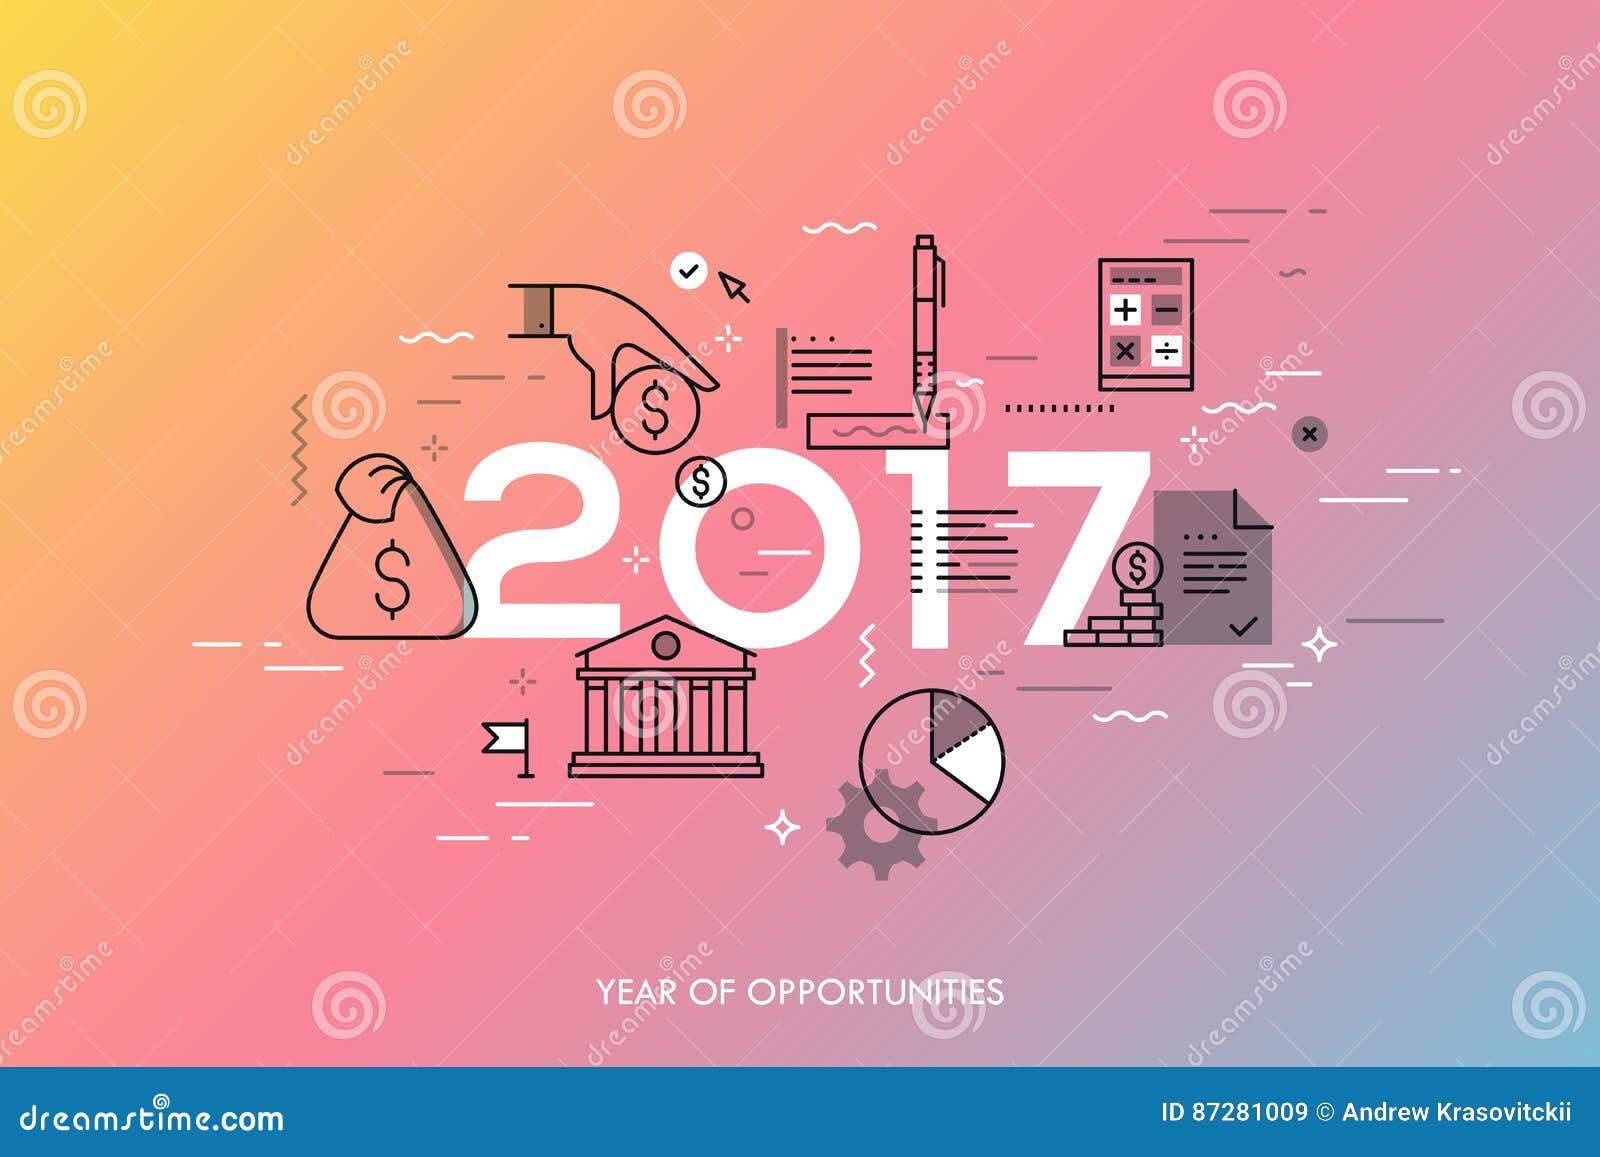 Έννοια Infographic, 2017 - έτος ευκαιριών Νέες καυτές τάσεις και προβλέψεις στα οικονομικά, προγραμματισμός προϋπολογισμών, χρήμα